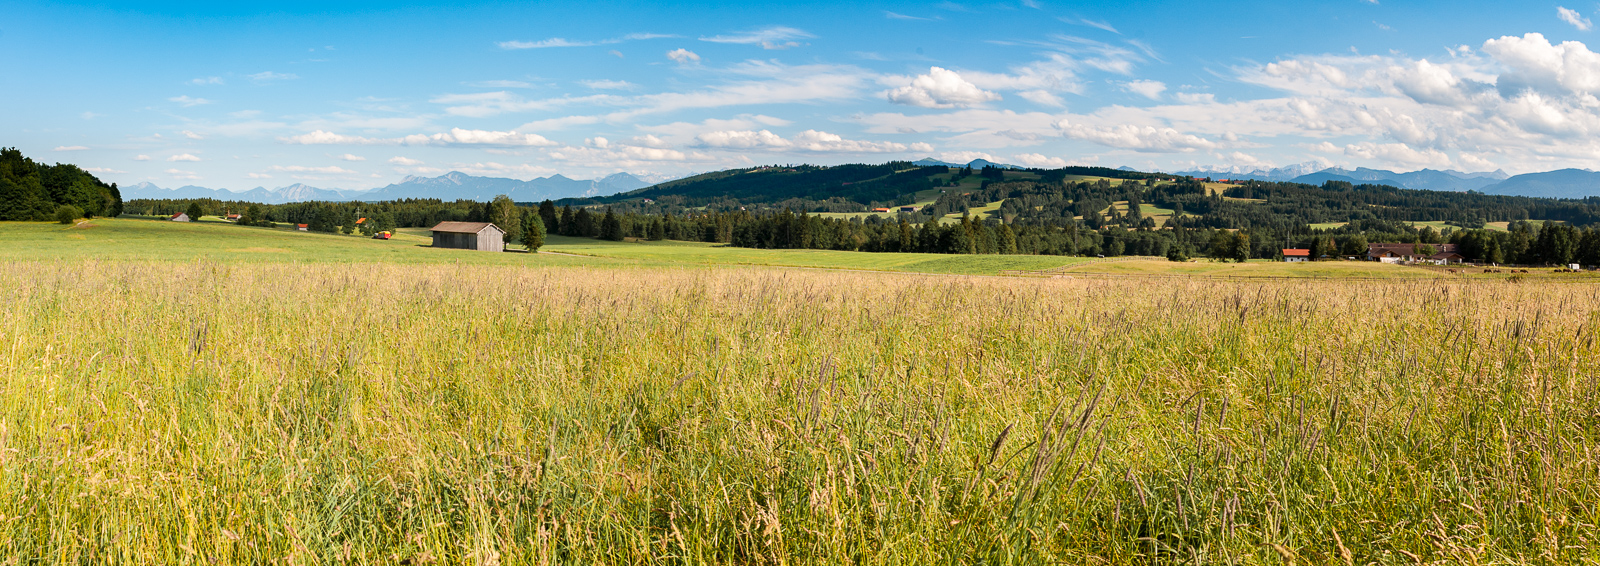 Rural Germany-.jpg